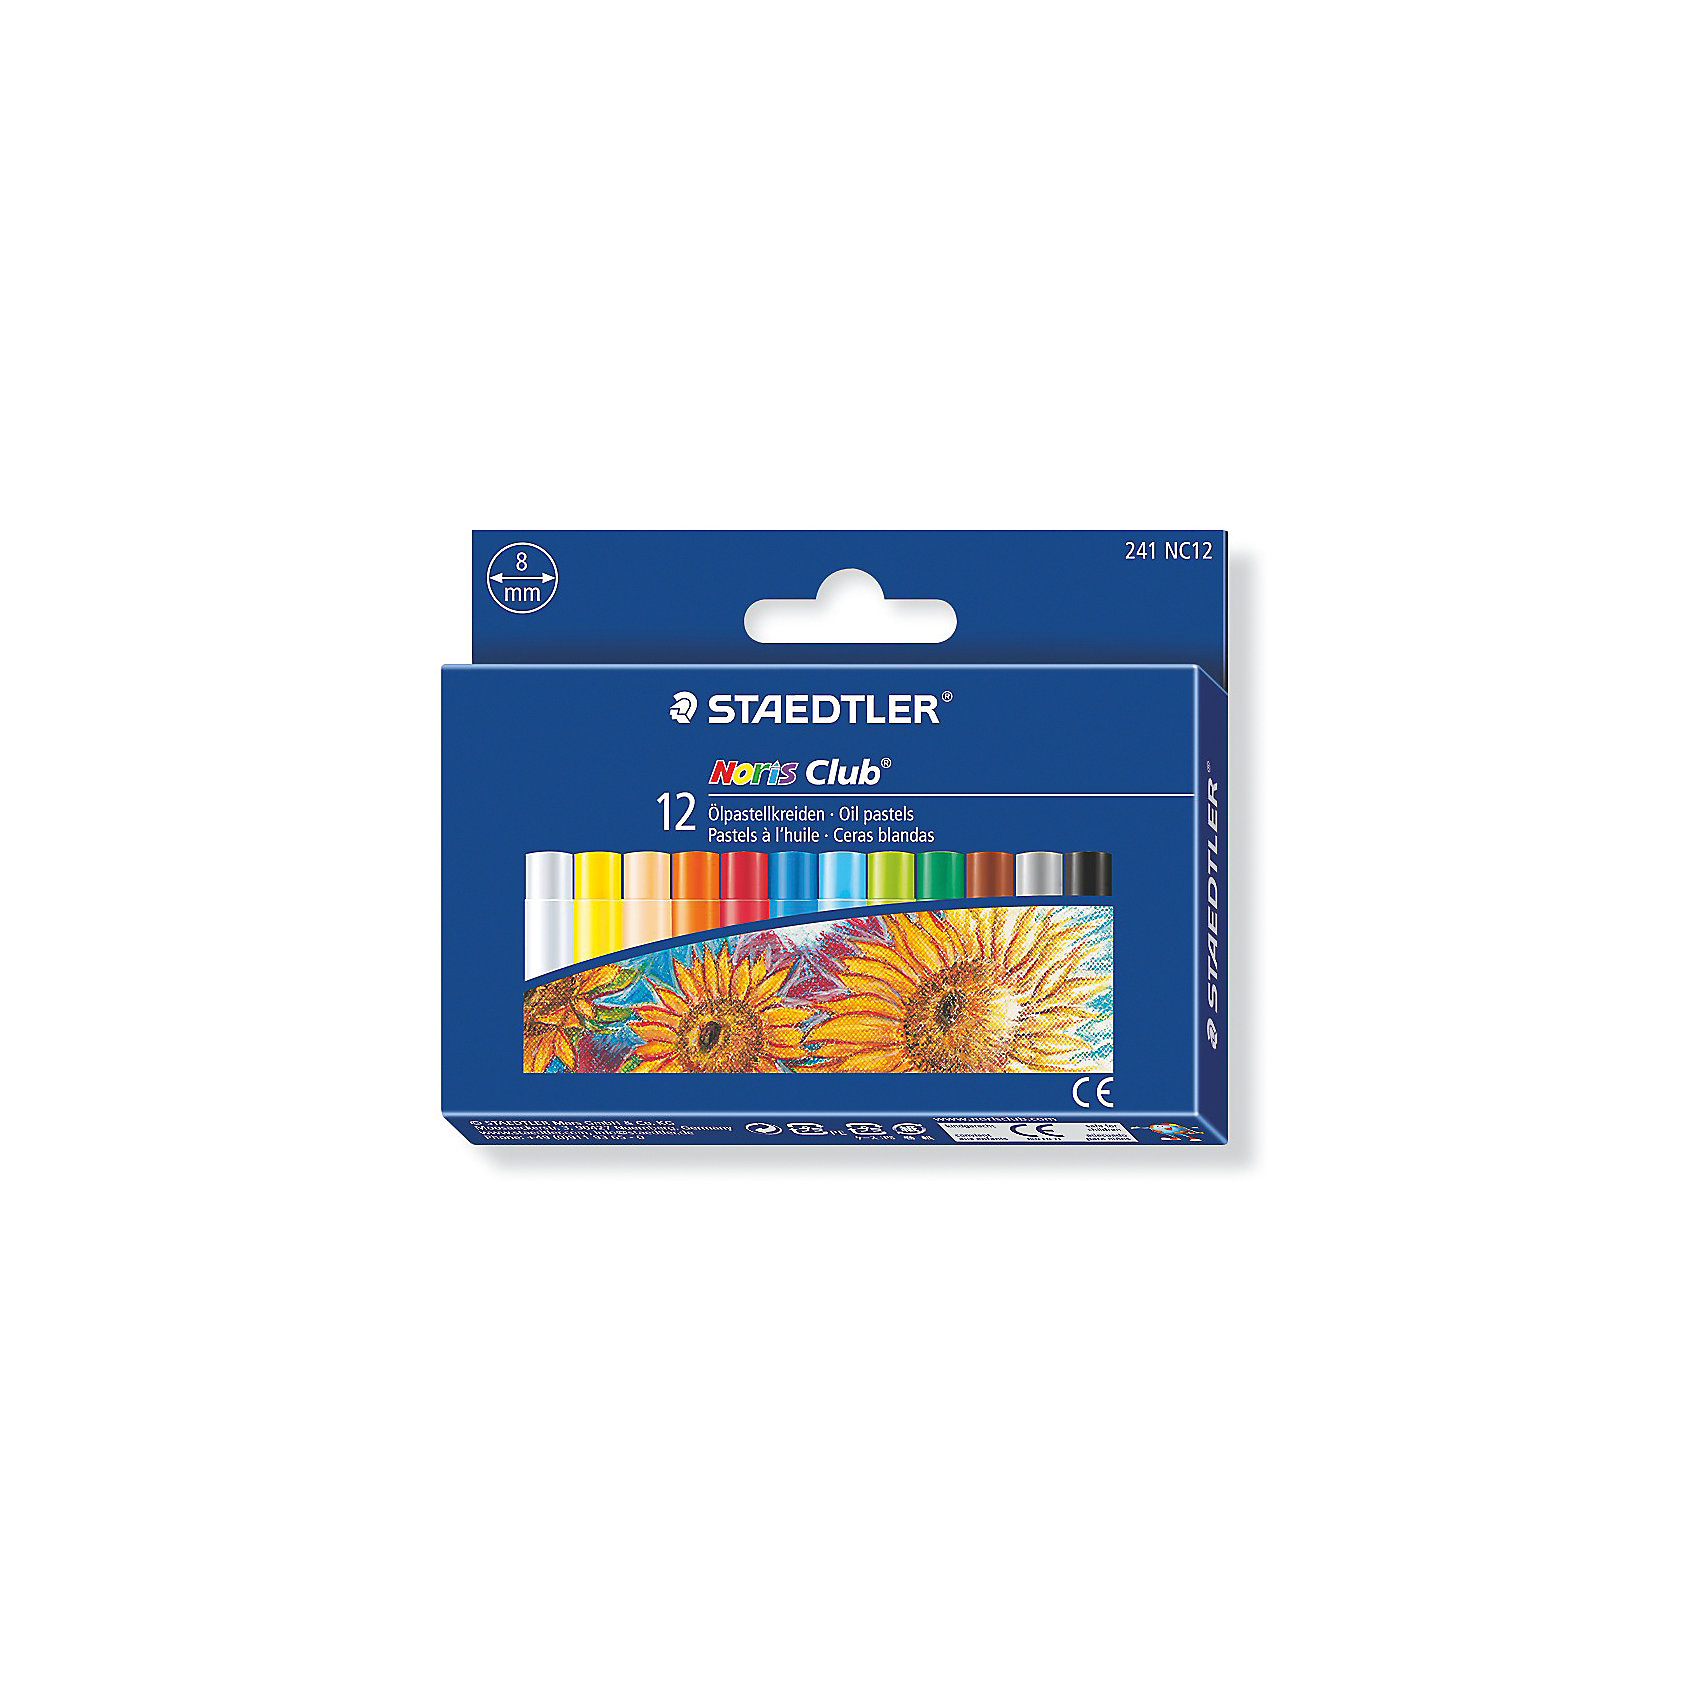 Пастель масляная Noris Club Jumbo, 12 цветовНабор пастели масляной Noris Club® 241 серии. Диаметр 8 мм. Подходит для рисования, перекрытия цвета и техники процарапывания. Держится на всех гладких поверхностях. Высокая устойчивость к поломке. Бумажная манжетка с полем для имени. 12 ярких цветов в картонной упаковке.<br><br>Ширина мм: 130<br>Глубина мм: 100<br>Высота мм: 170<br>Вес г: 85<br>Возраст от месяцев: 60<br>Возраст до месяцев: 2147483647<br>Пол: Унисекс<br>Возраст: Детский<br>SKU: 5530007